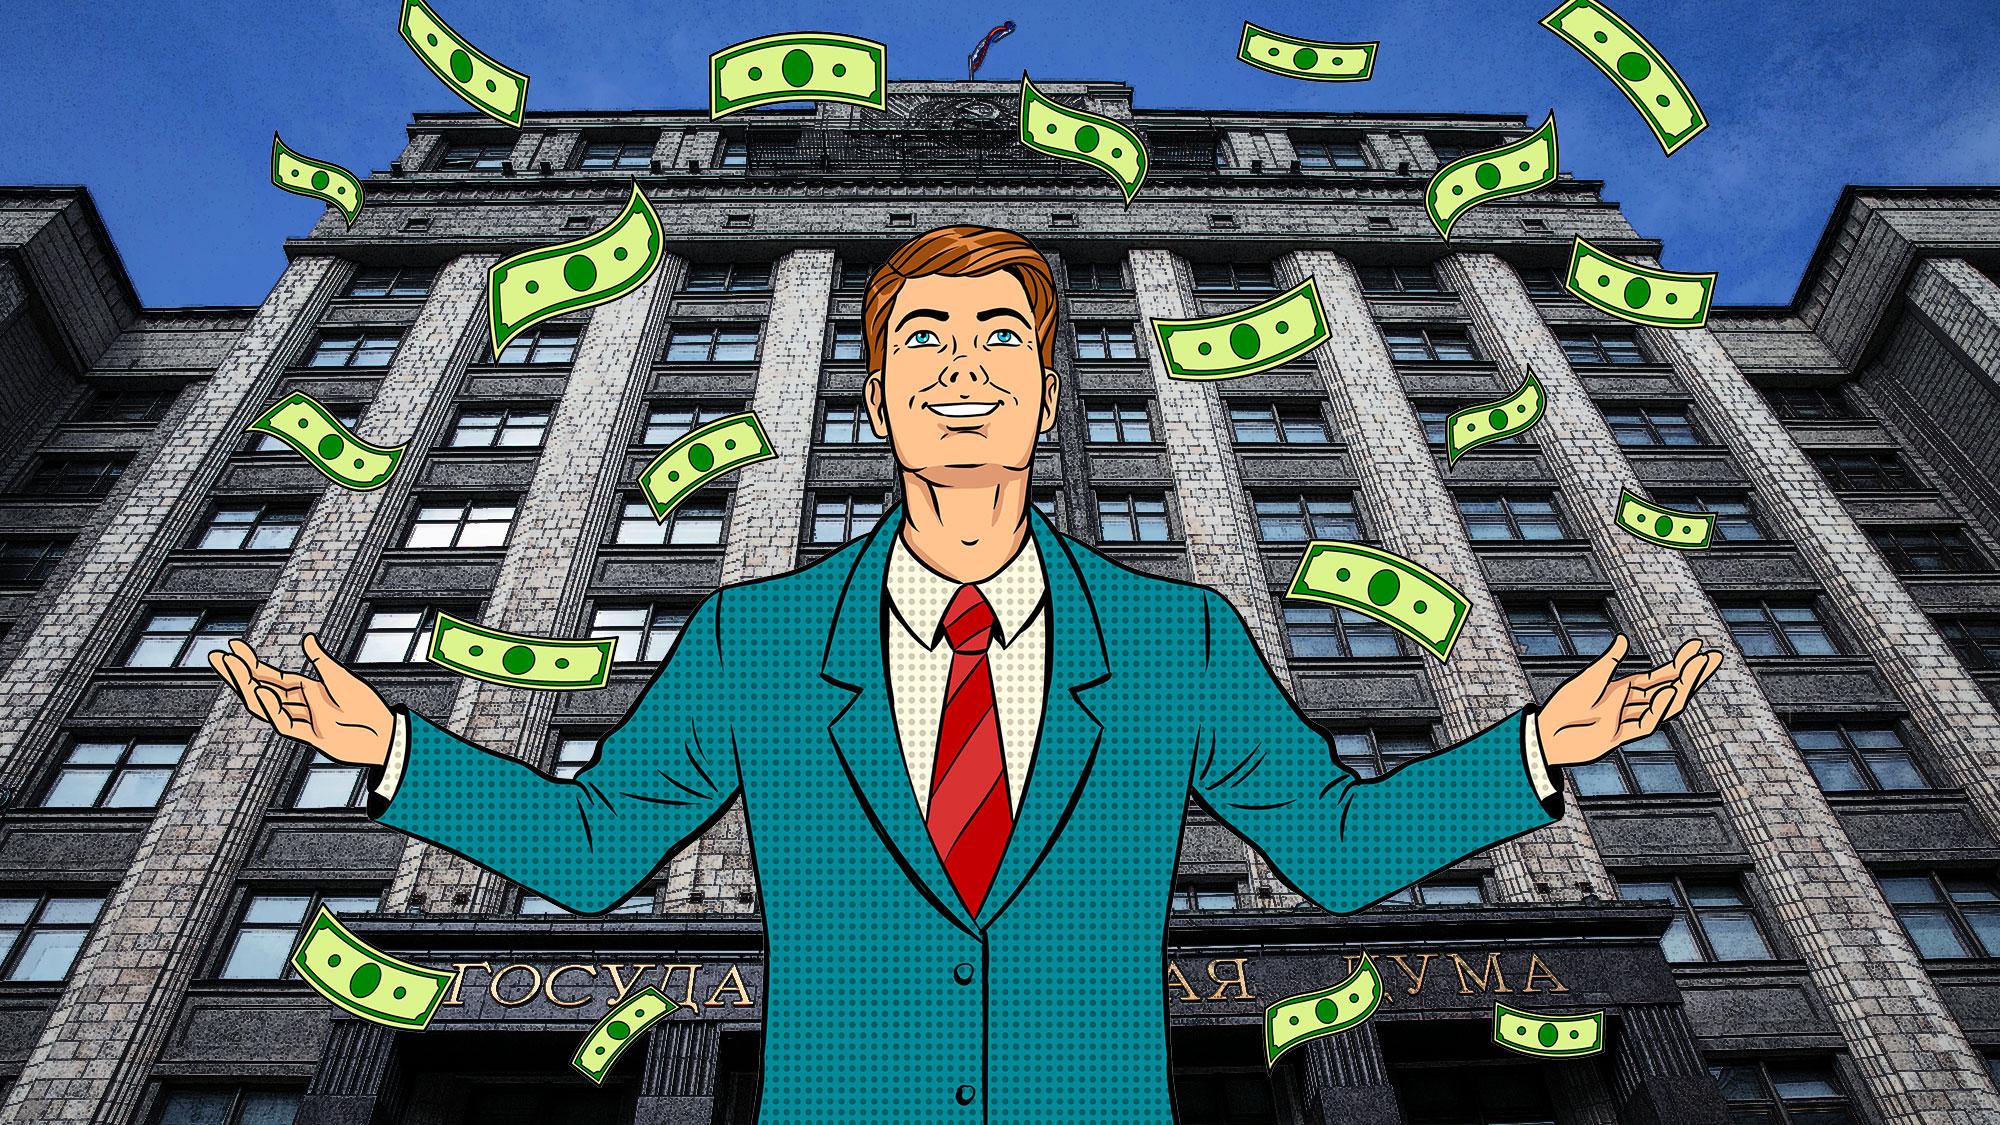 Миллиарды рублей и недвижимость за границей: сколько зарабатывают депутаты Госдумы